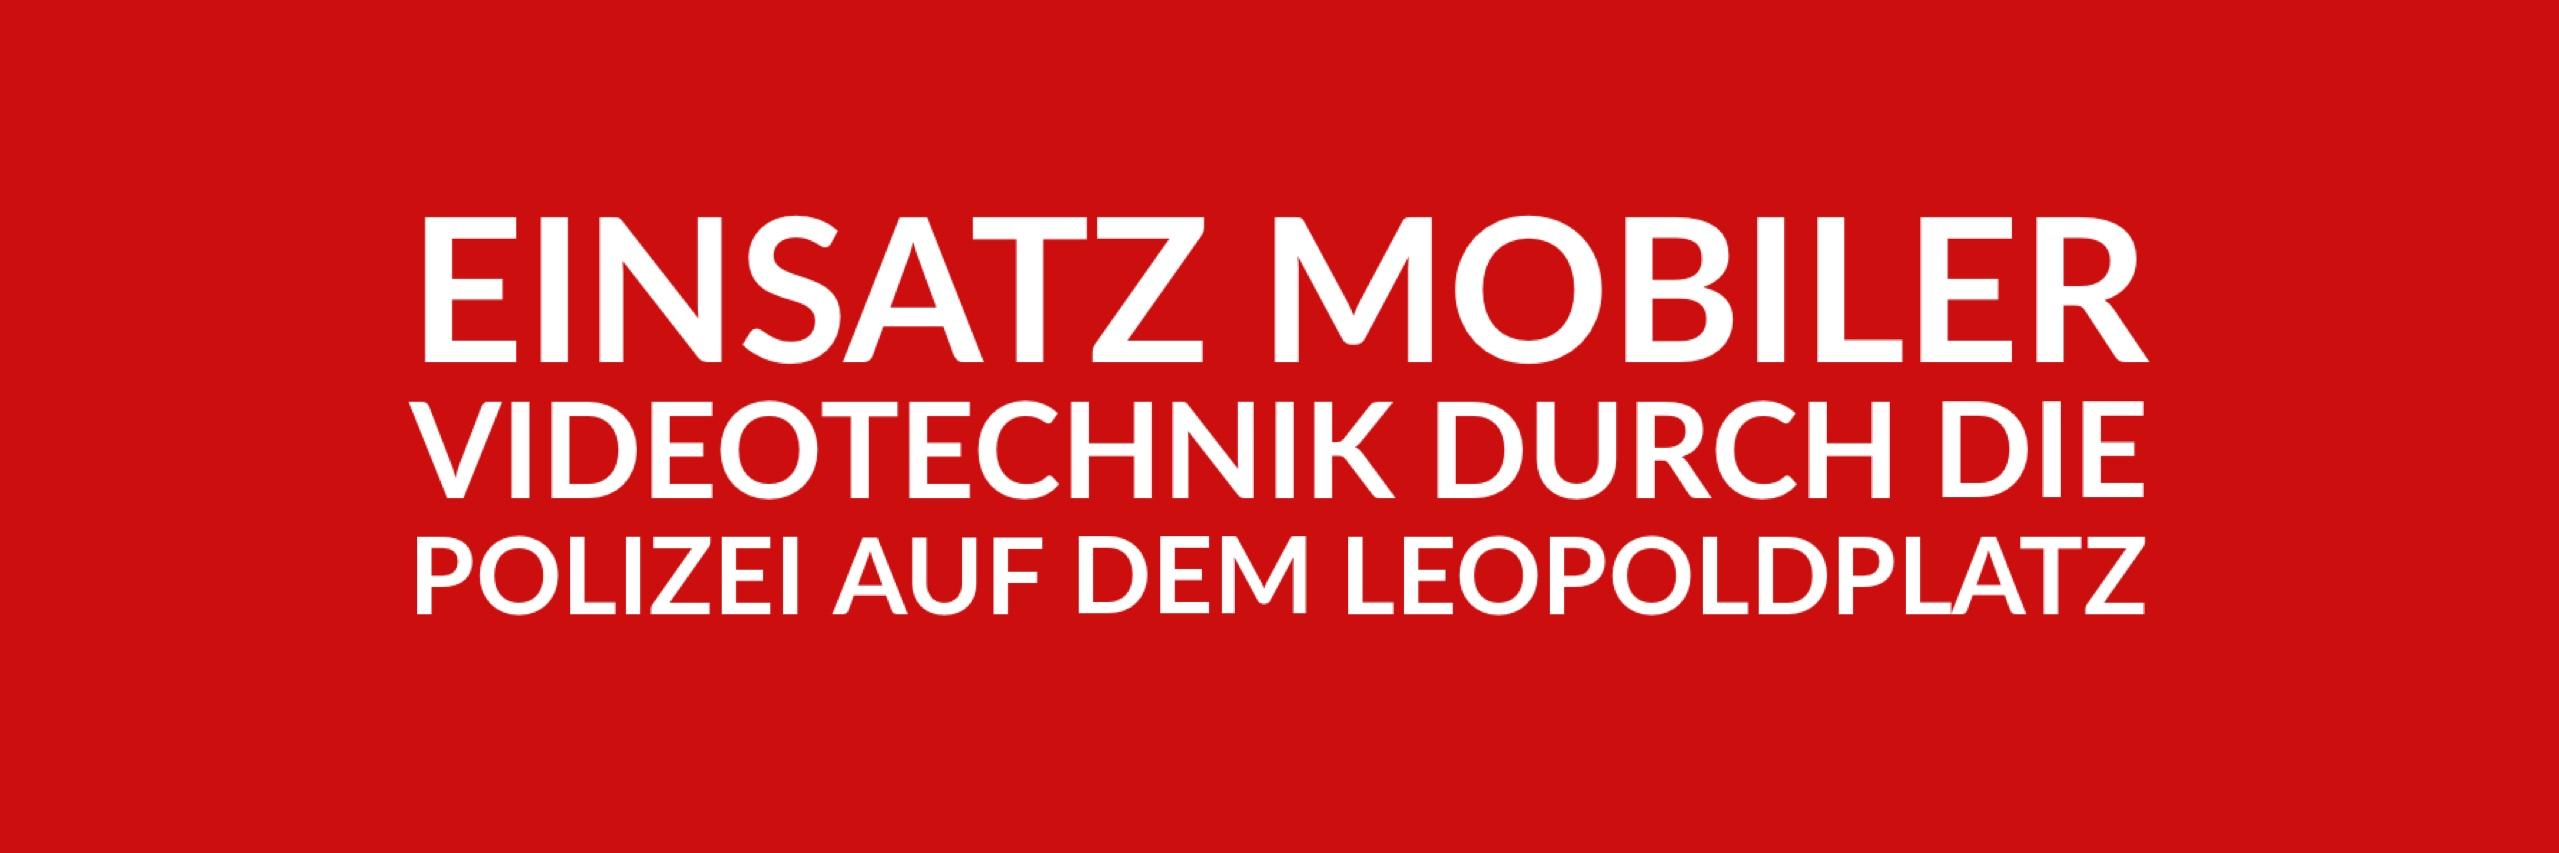 Anfrage 'Einsatz mobiler Videotechnik durch die Polizei auf dem Leopoldplatz' (PDF)